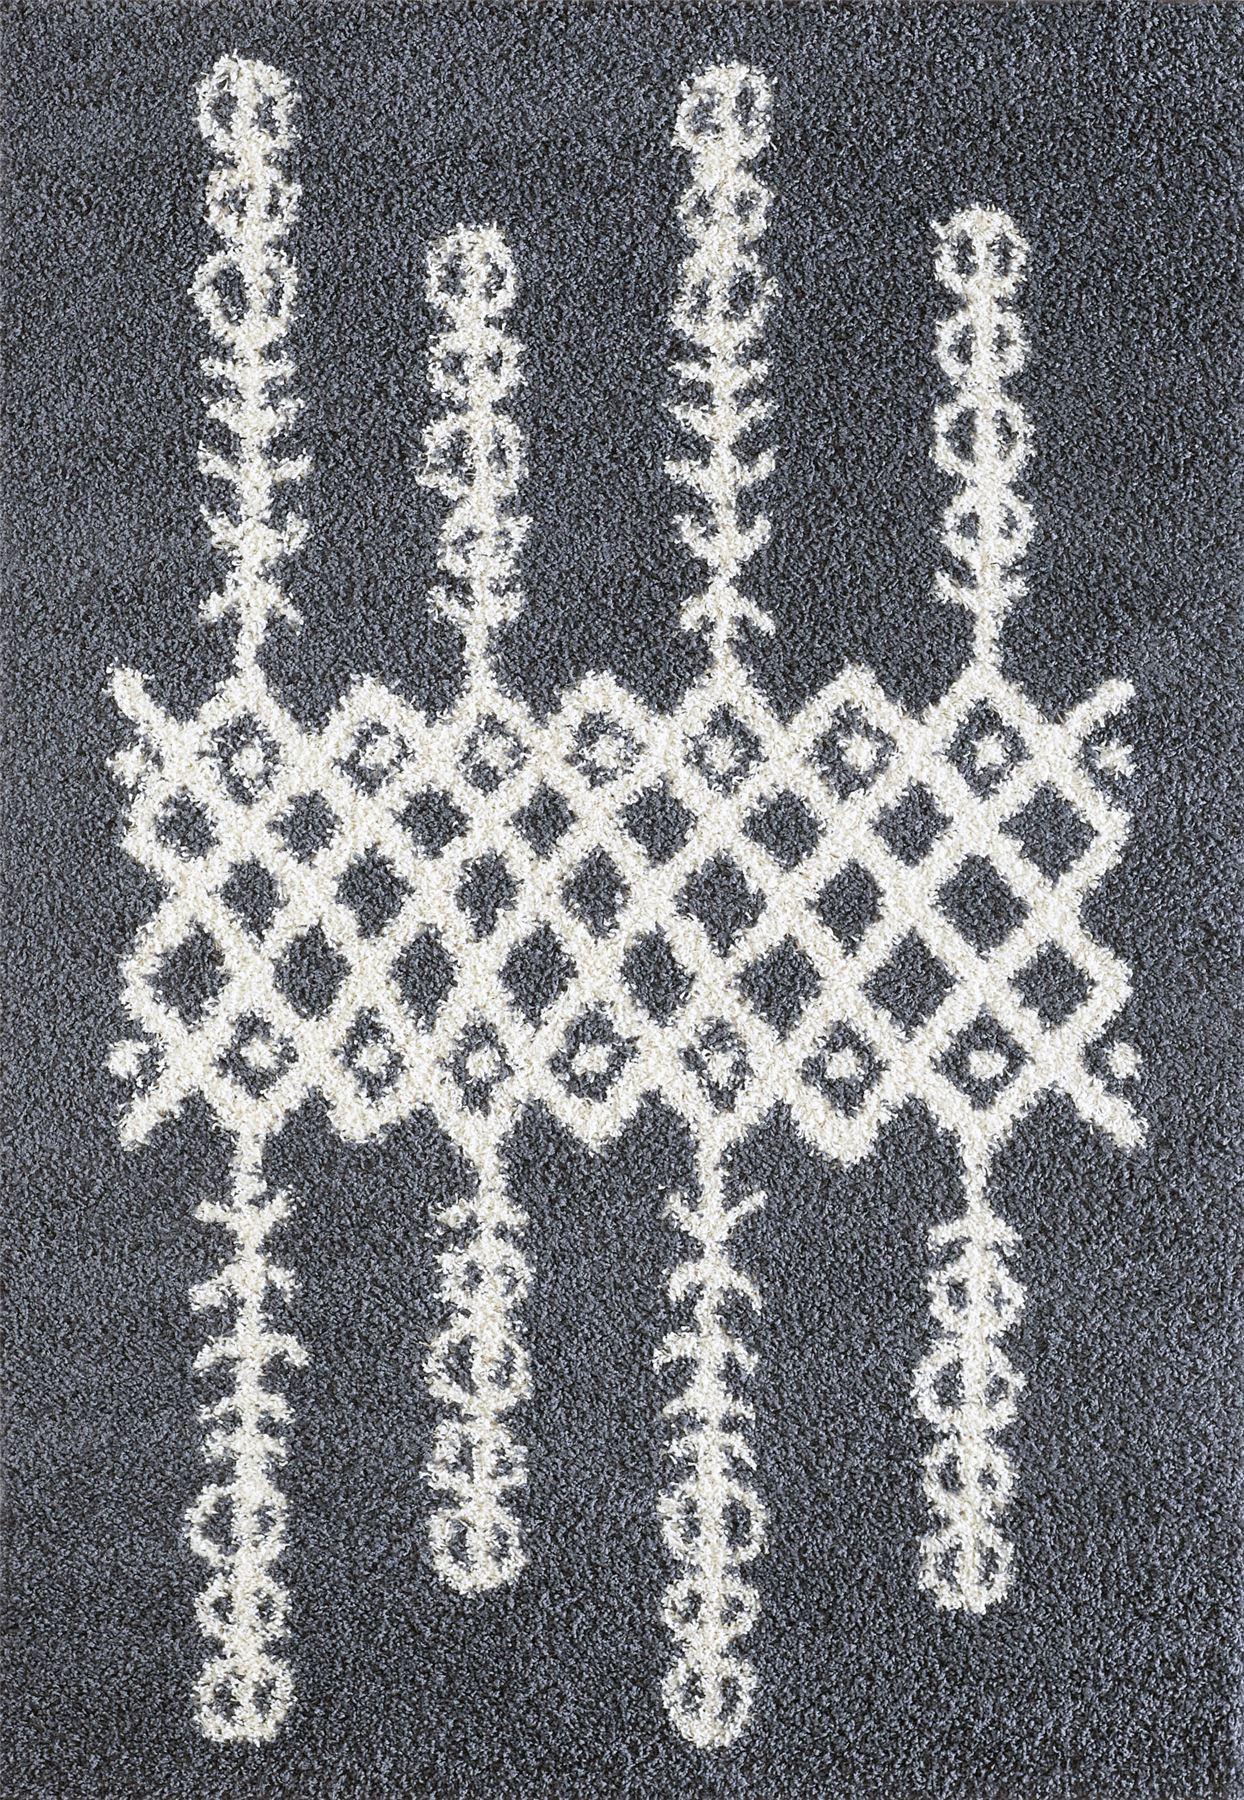 Tappeto-A2Z-Nero-Grigio-Avorio-tradizionale-marocchina-Shaggy-Berber-Boho-Tribal-3cm-Pile miniatura 12